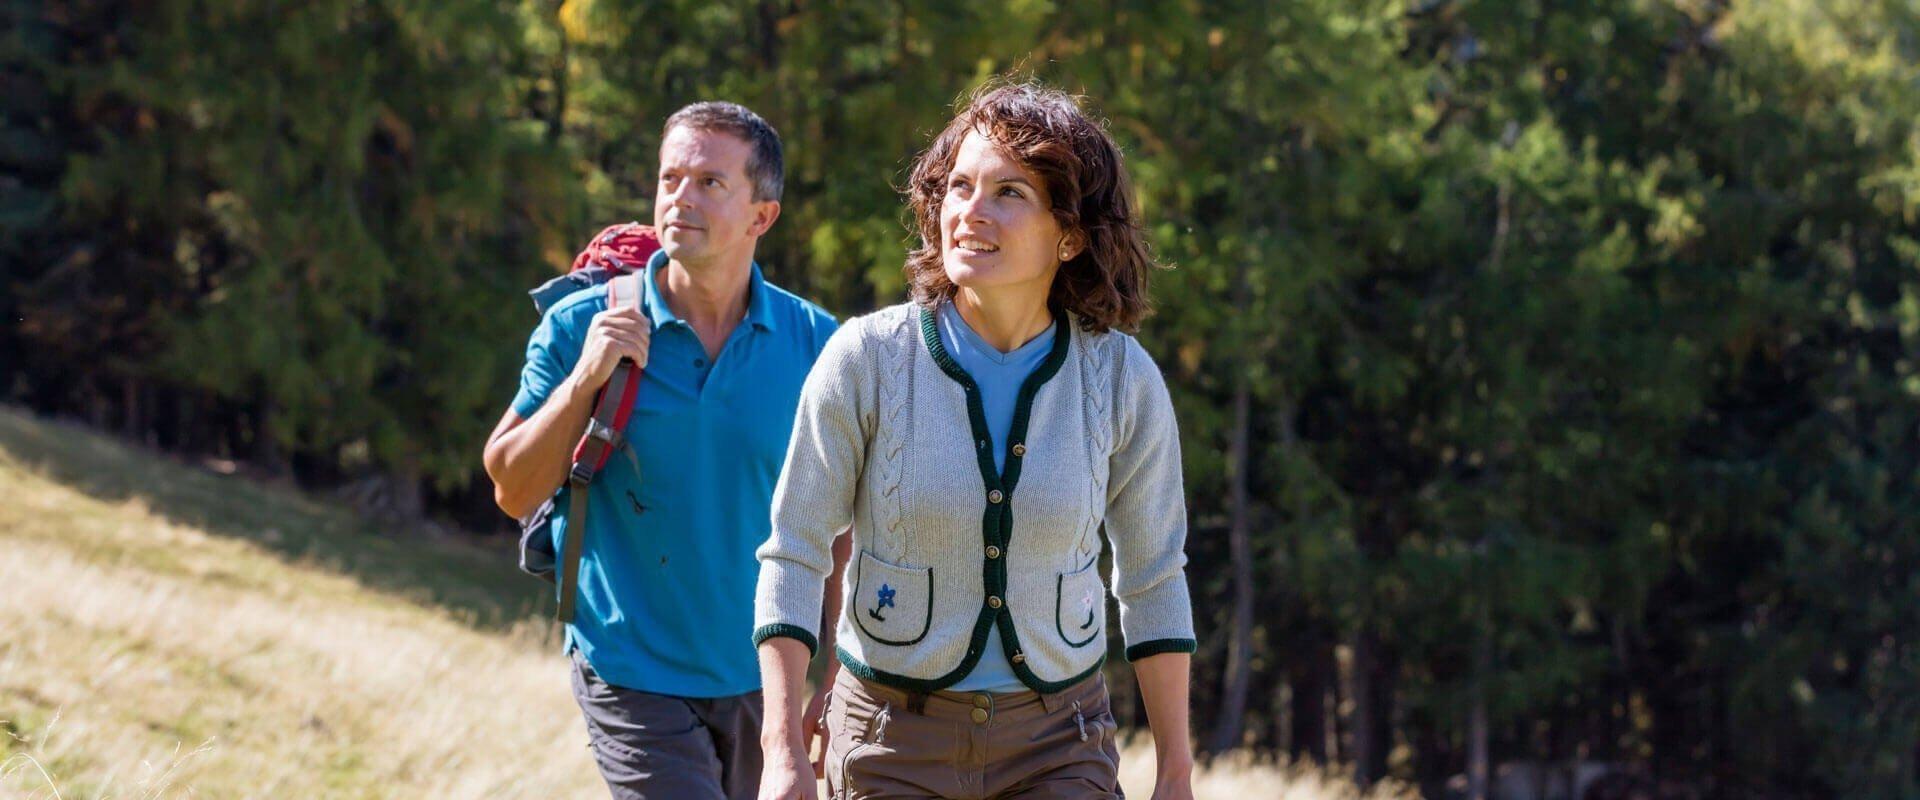 Vacanza escursionistica in agriturismo